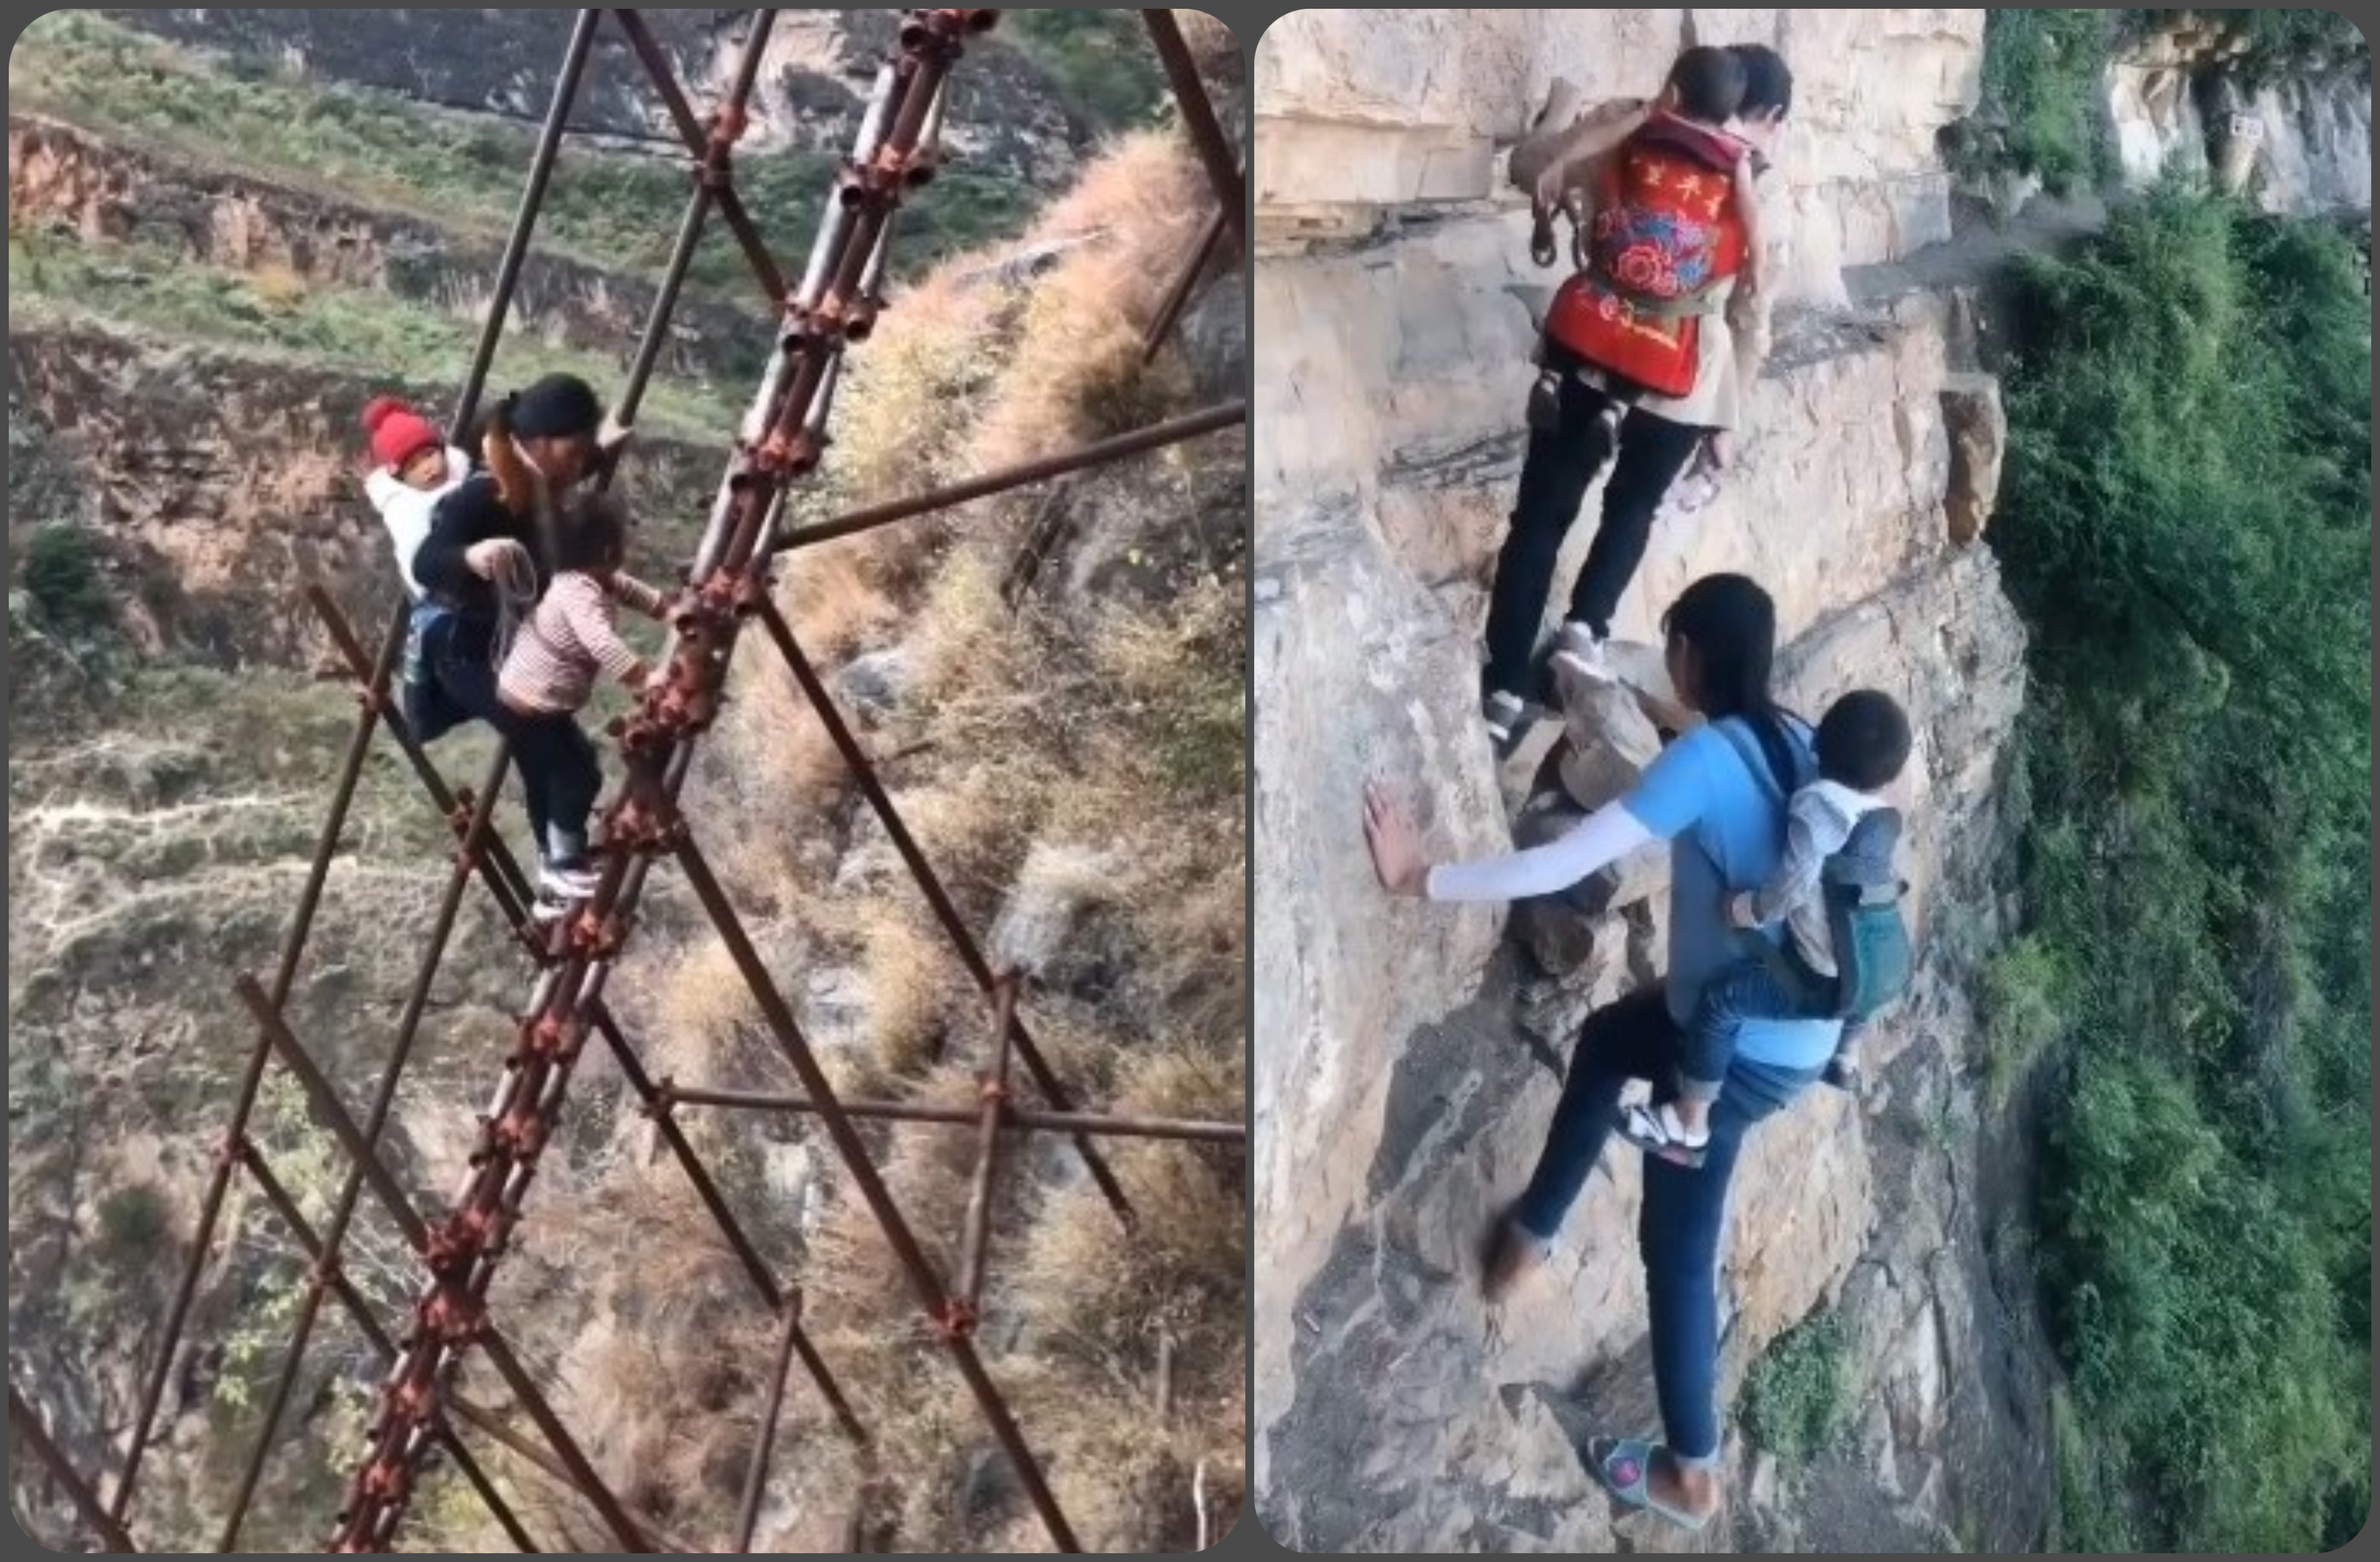 Το χωριό του γκρεμού, είναι ένα από τα πιο ριψοκίνδυνα μέρη της γης. Η πρόσβαση γίνεται με αυτοσχέδιες σκάλες που είναι δεμένες στα κάθετα βράχια. Πως έγινε αξιοθέατο